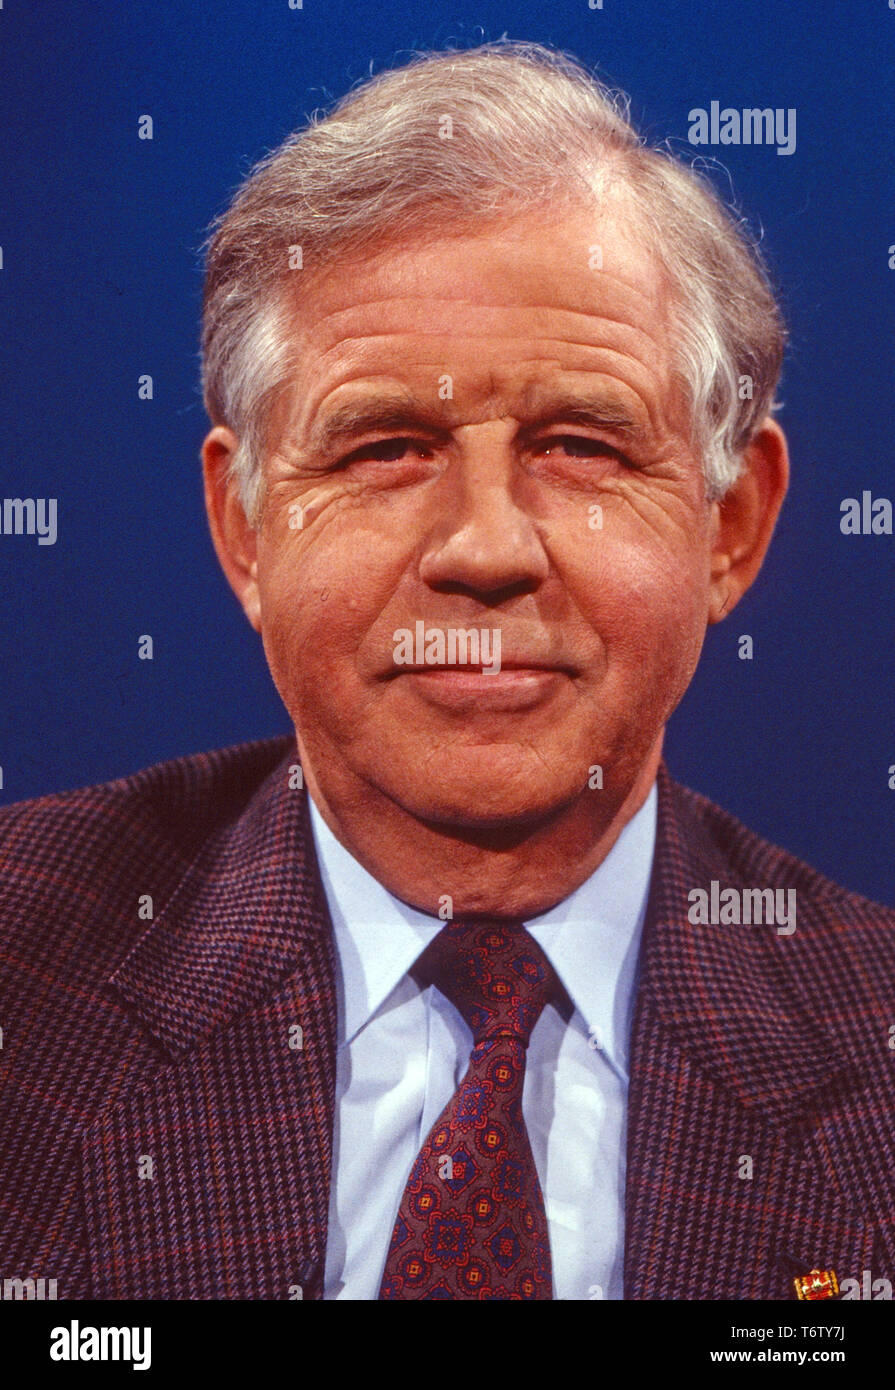 Kurt Biedenkopf, deutscher Politiker, Deutschland 1991. German politician Kurt Biedenkopf, Germany 1991. - Stock Image